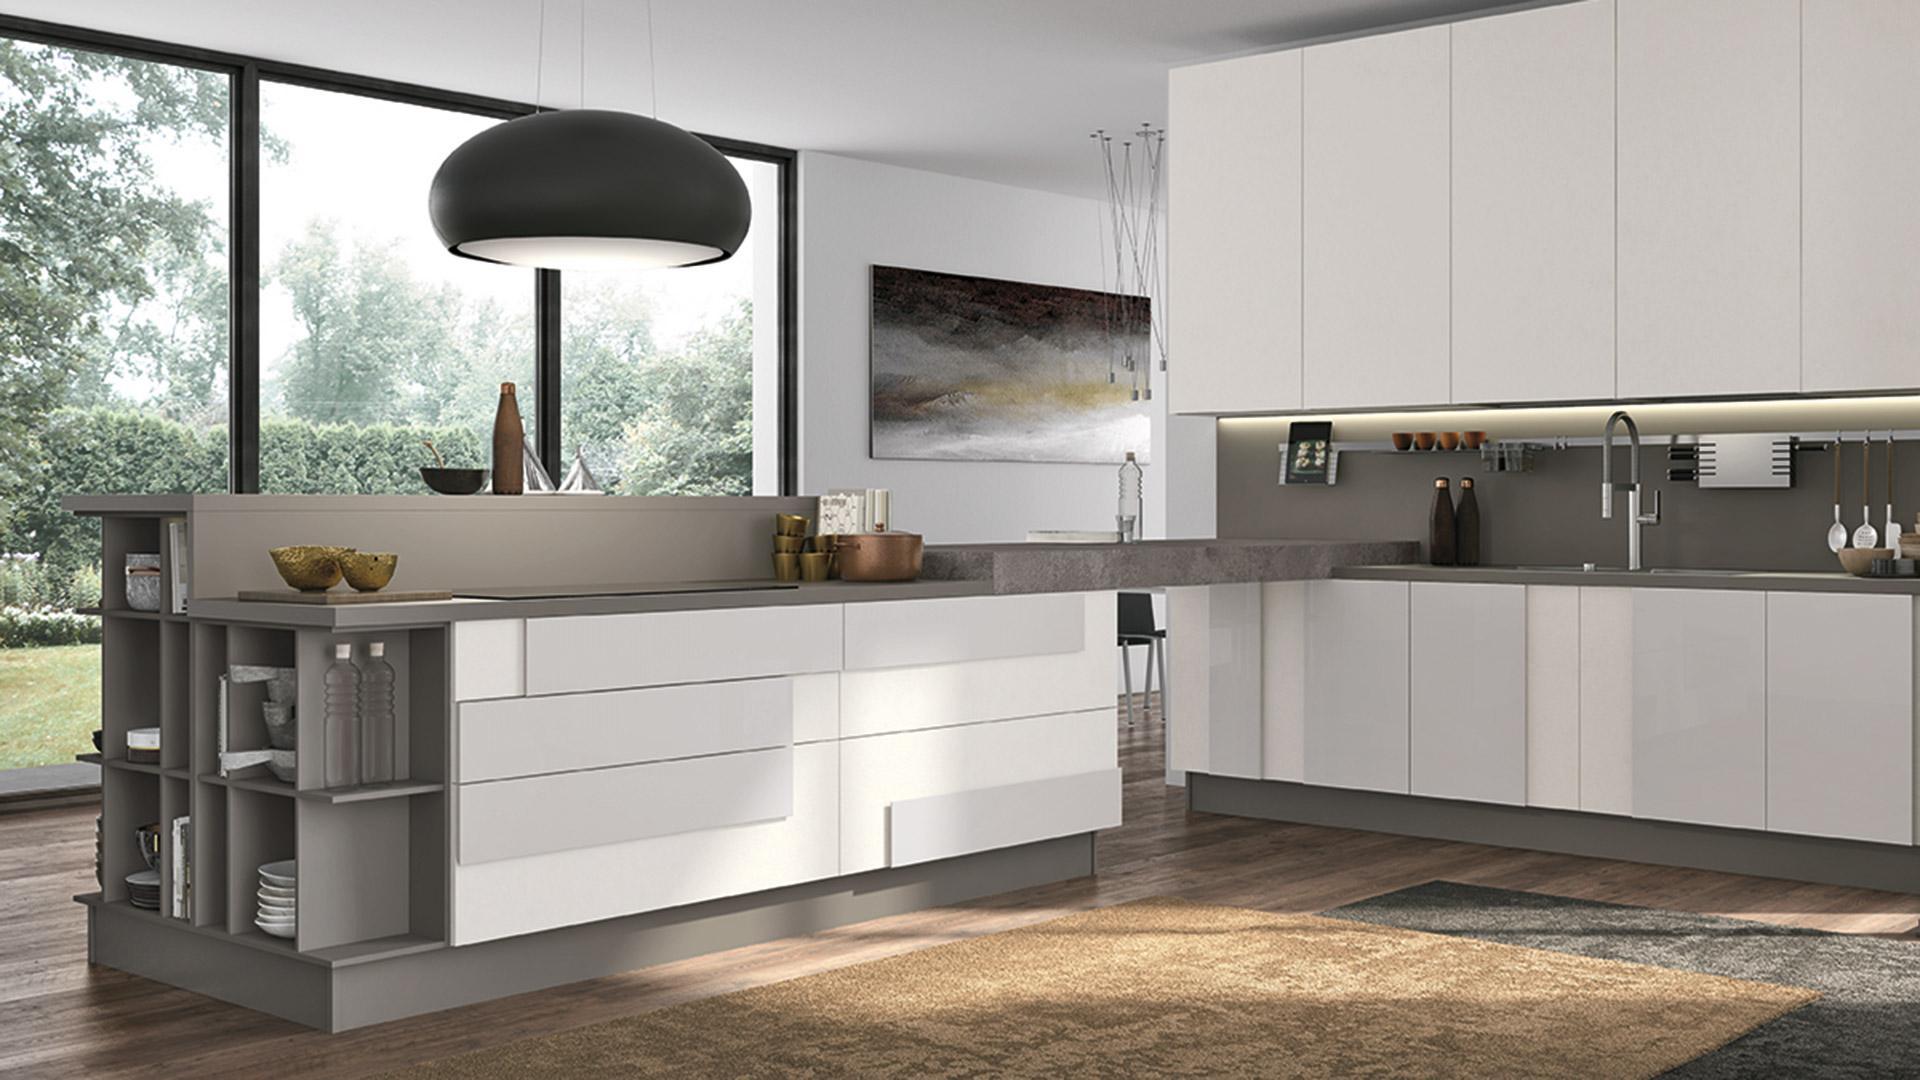 Cucina creativa lube creo store corsico viale italia 22 for Cucina creativa